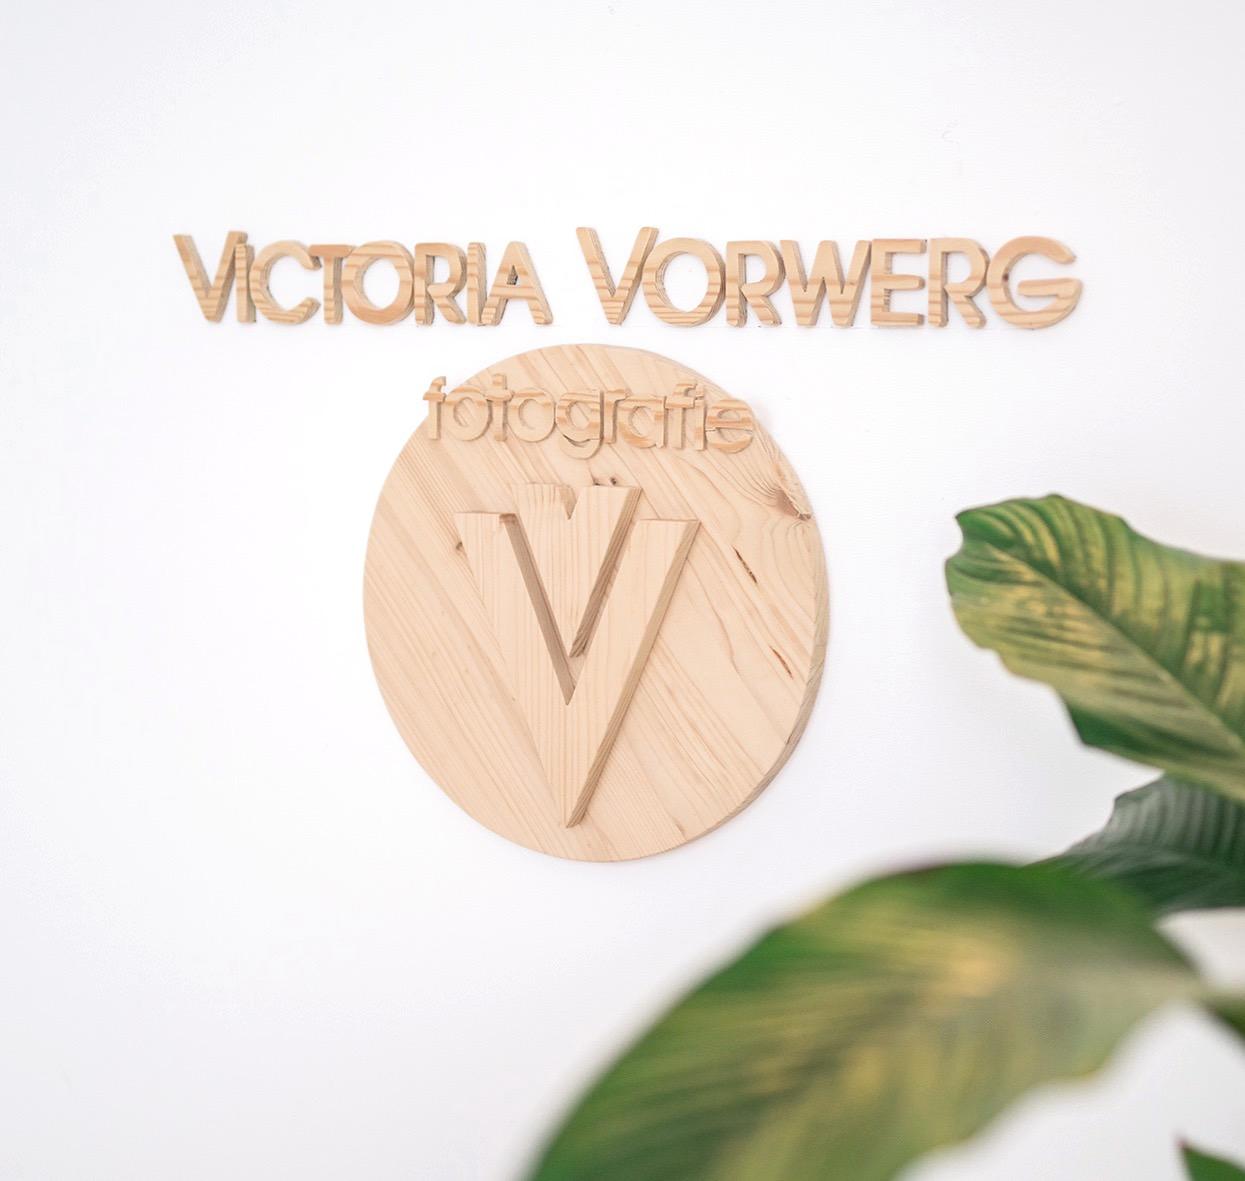 Victoria Vorwerg Fotografie